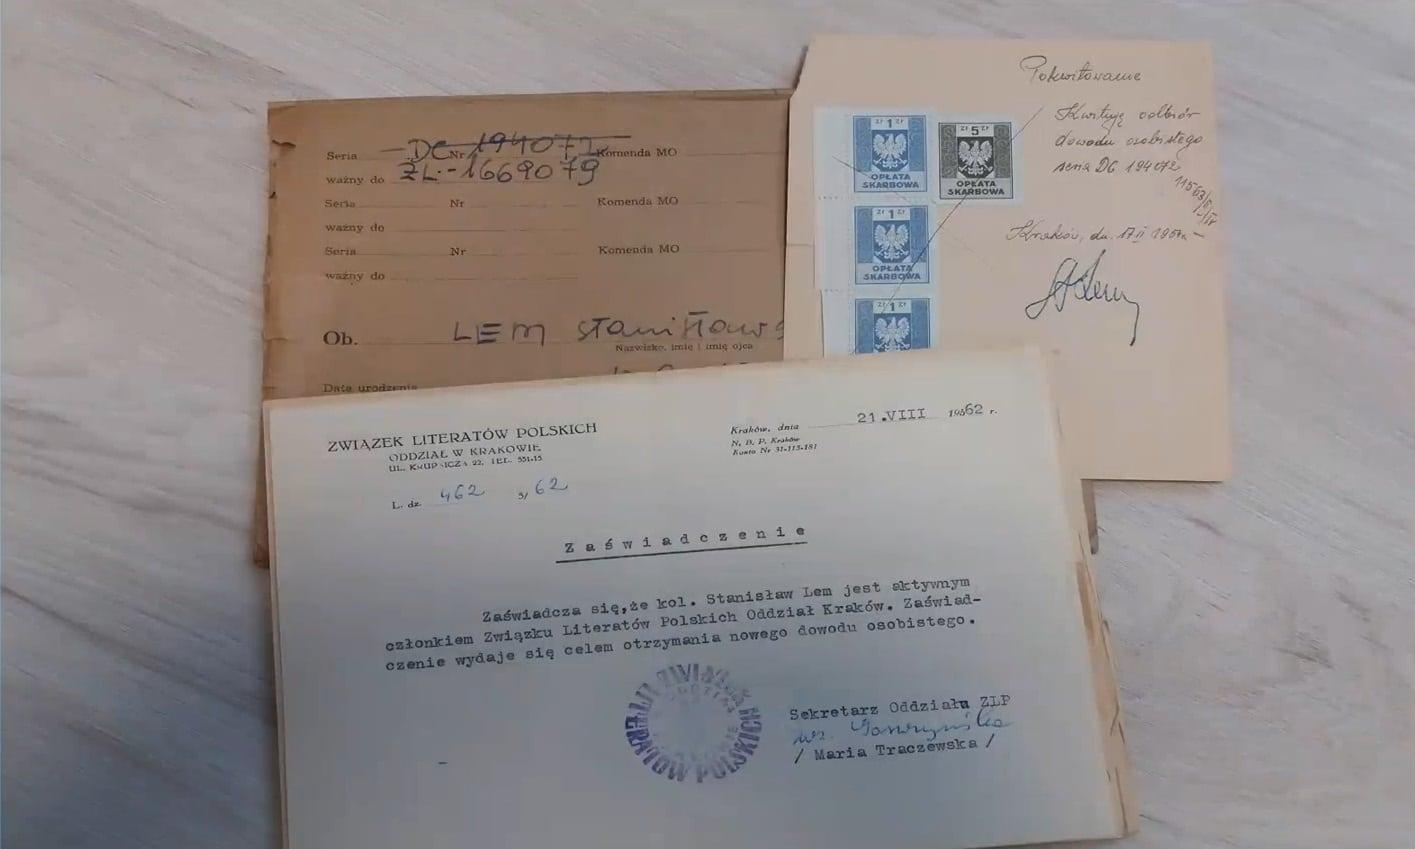 Dokumenty Stanisława Lema.